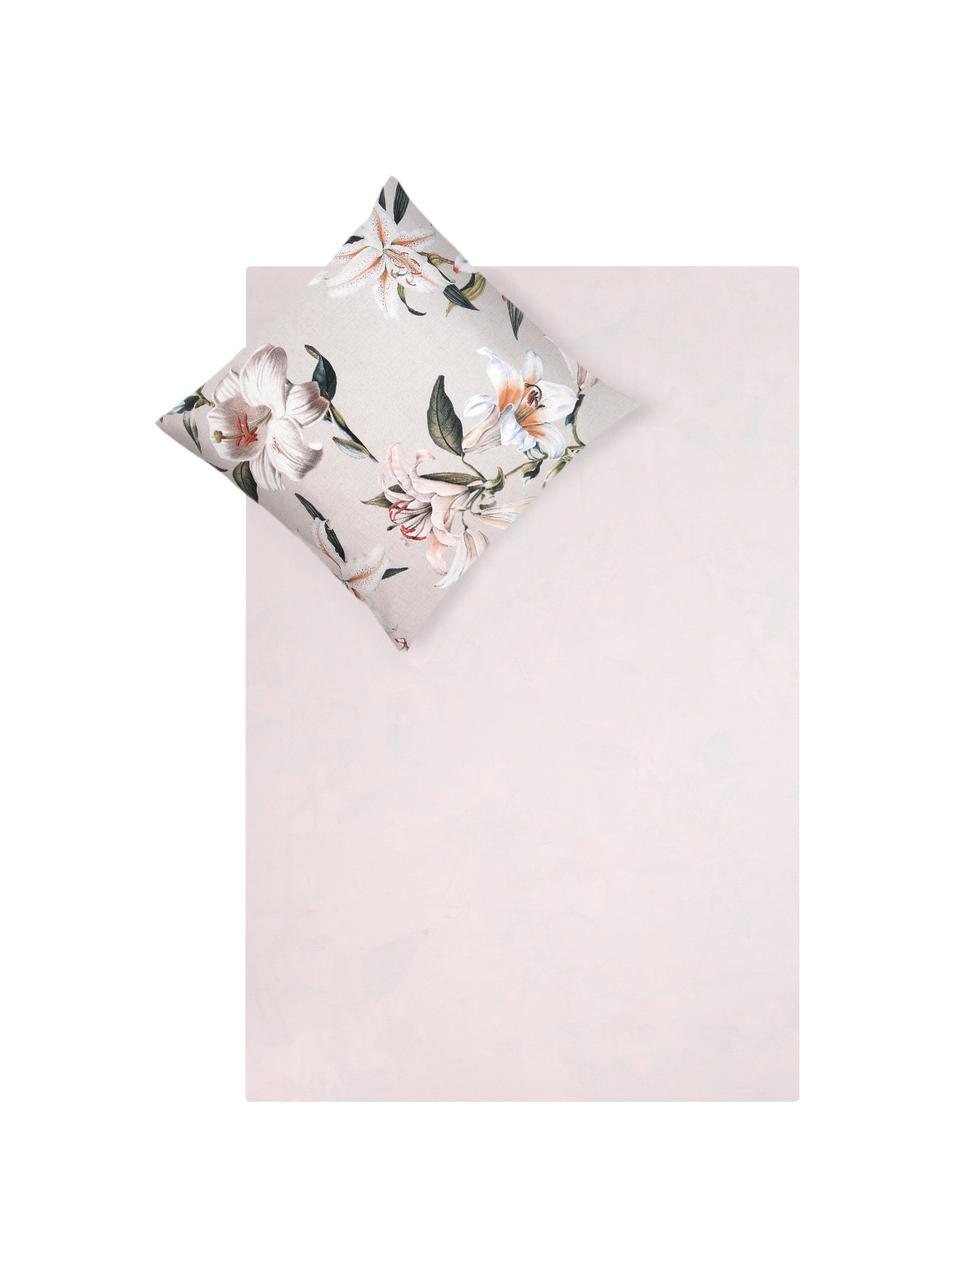 Baumwollsatin-Bettwäsche Flori in Beige mit Blumen-Print, Webart: Satin Fadendichte 210 TC,, Vorderseite: Beige, Cremeweiß Rückseite: Beige, 240 x 220 cm + 2 Kissen 80 x 80 cm